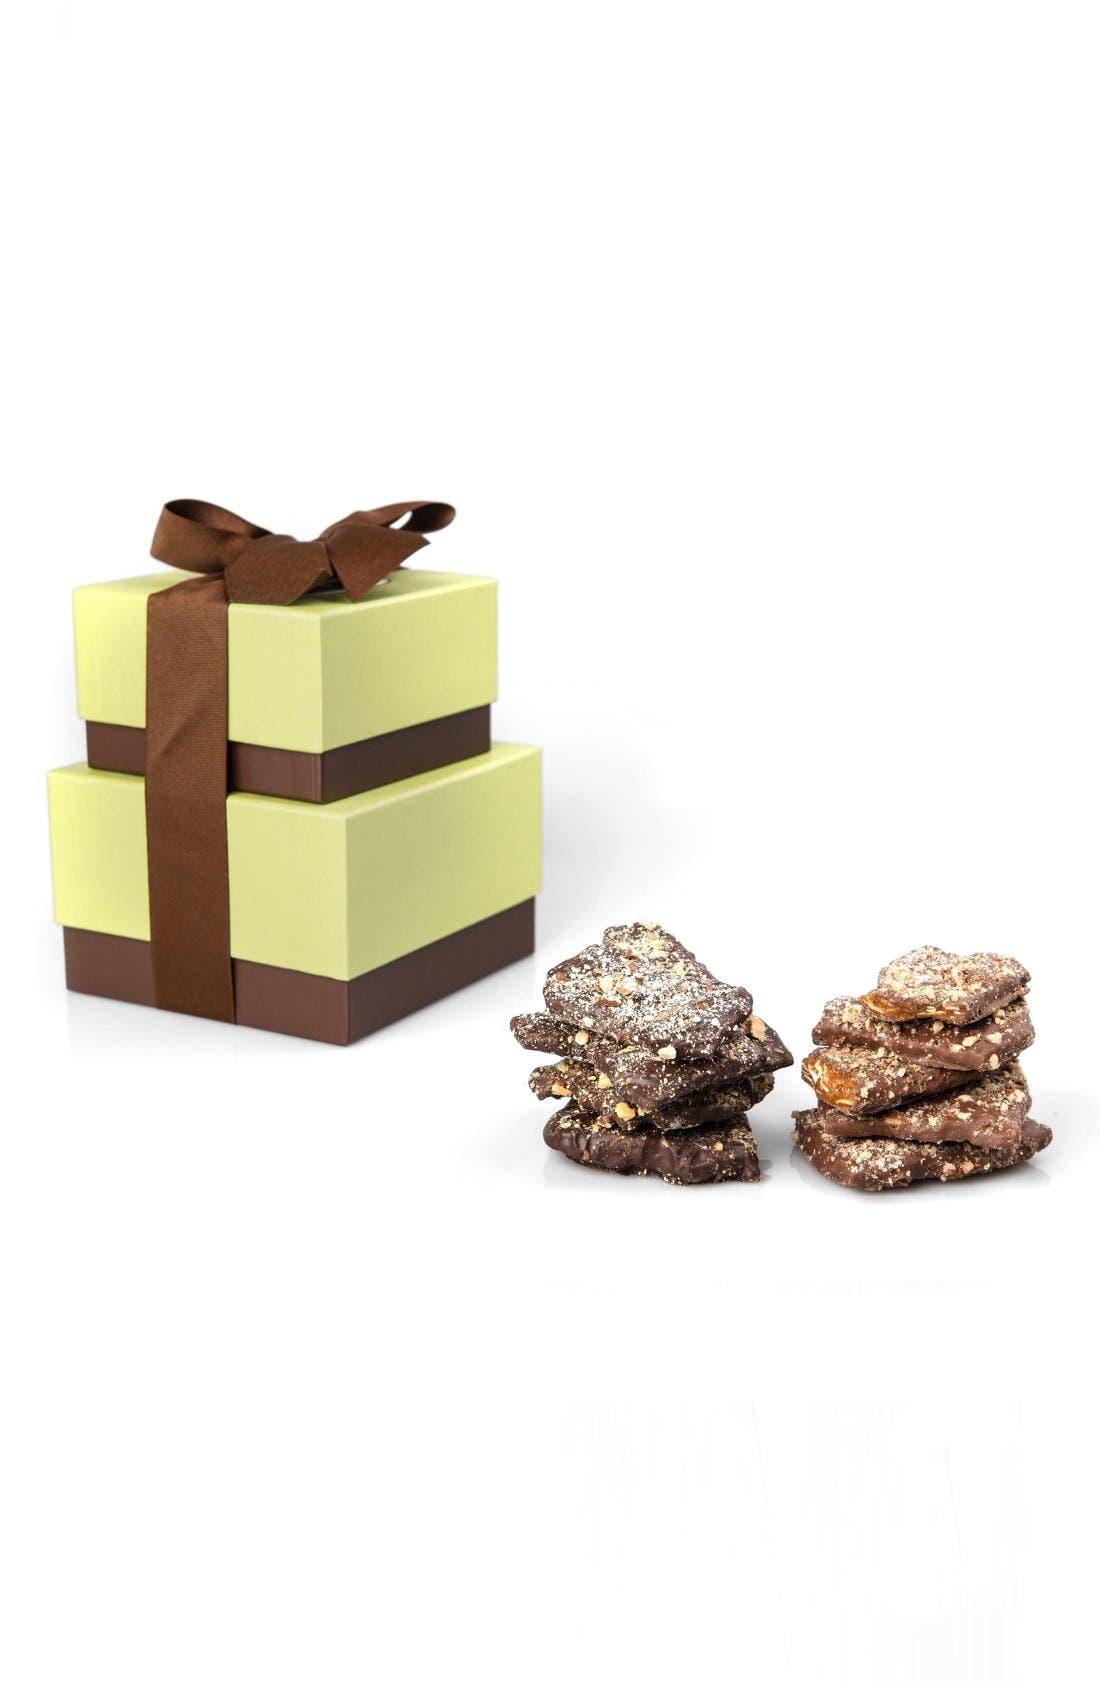 Main Image - The Toffee Box Dark Chocolate Almond & Milk Chocolate Pecan Toffee Tower